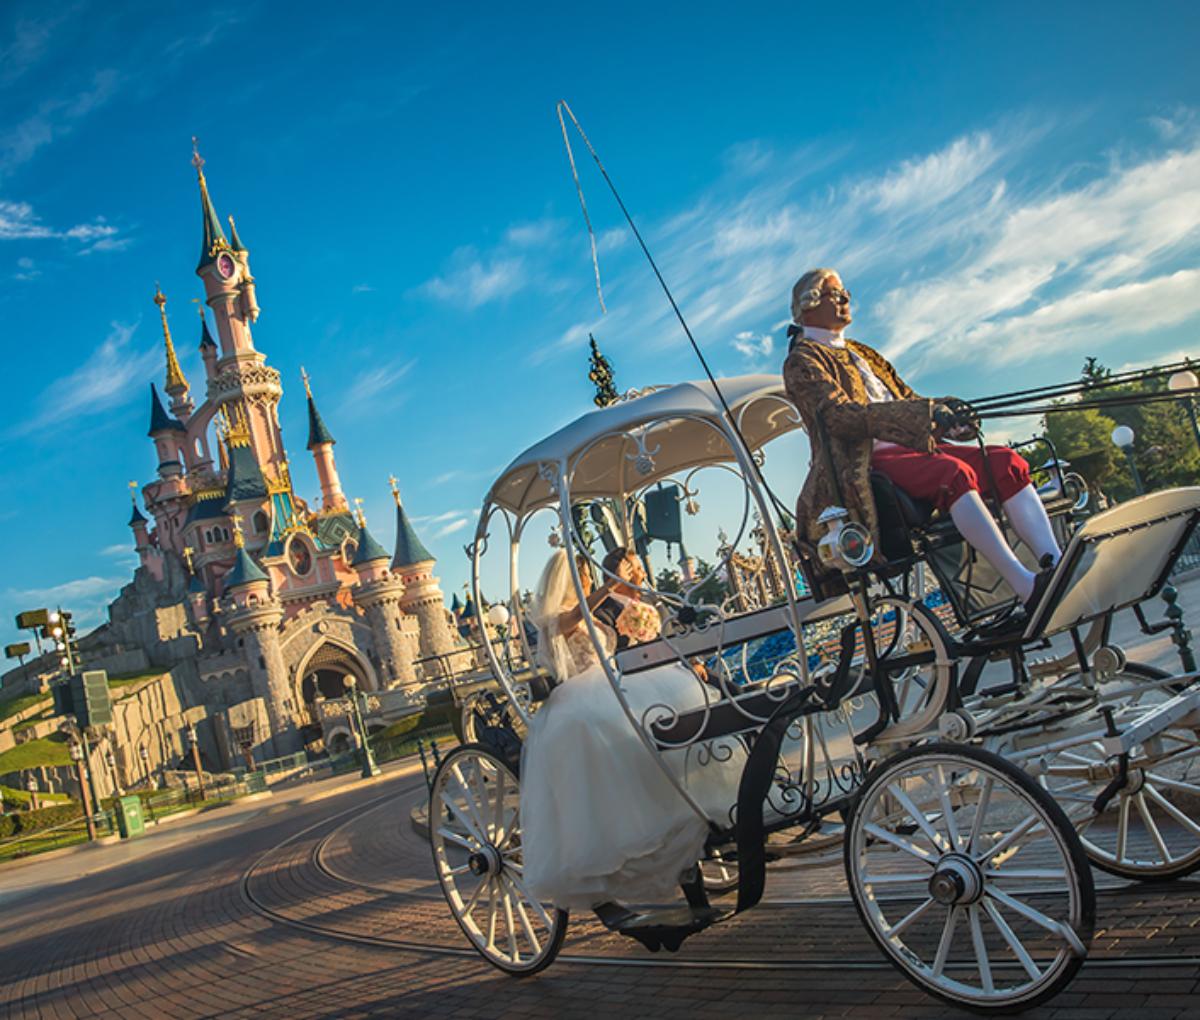 The Ultimate Disney 's Fairy Tale Wedding Dream Come True!